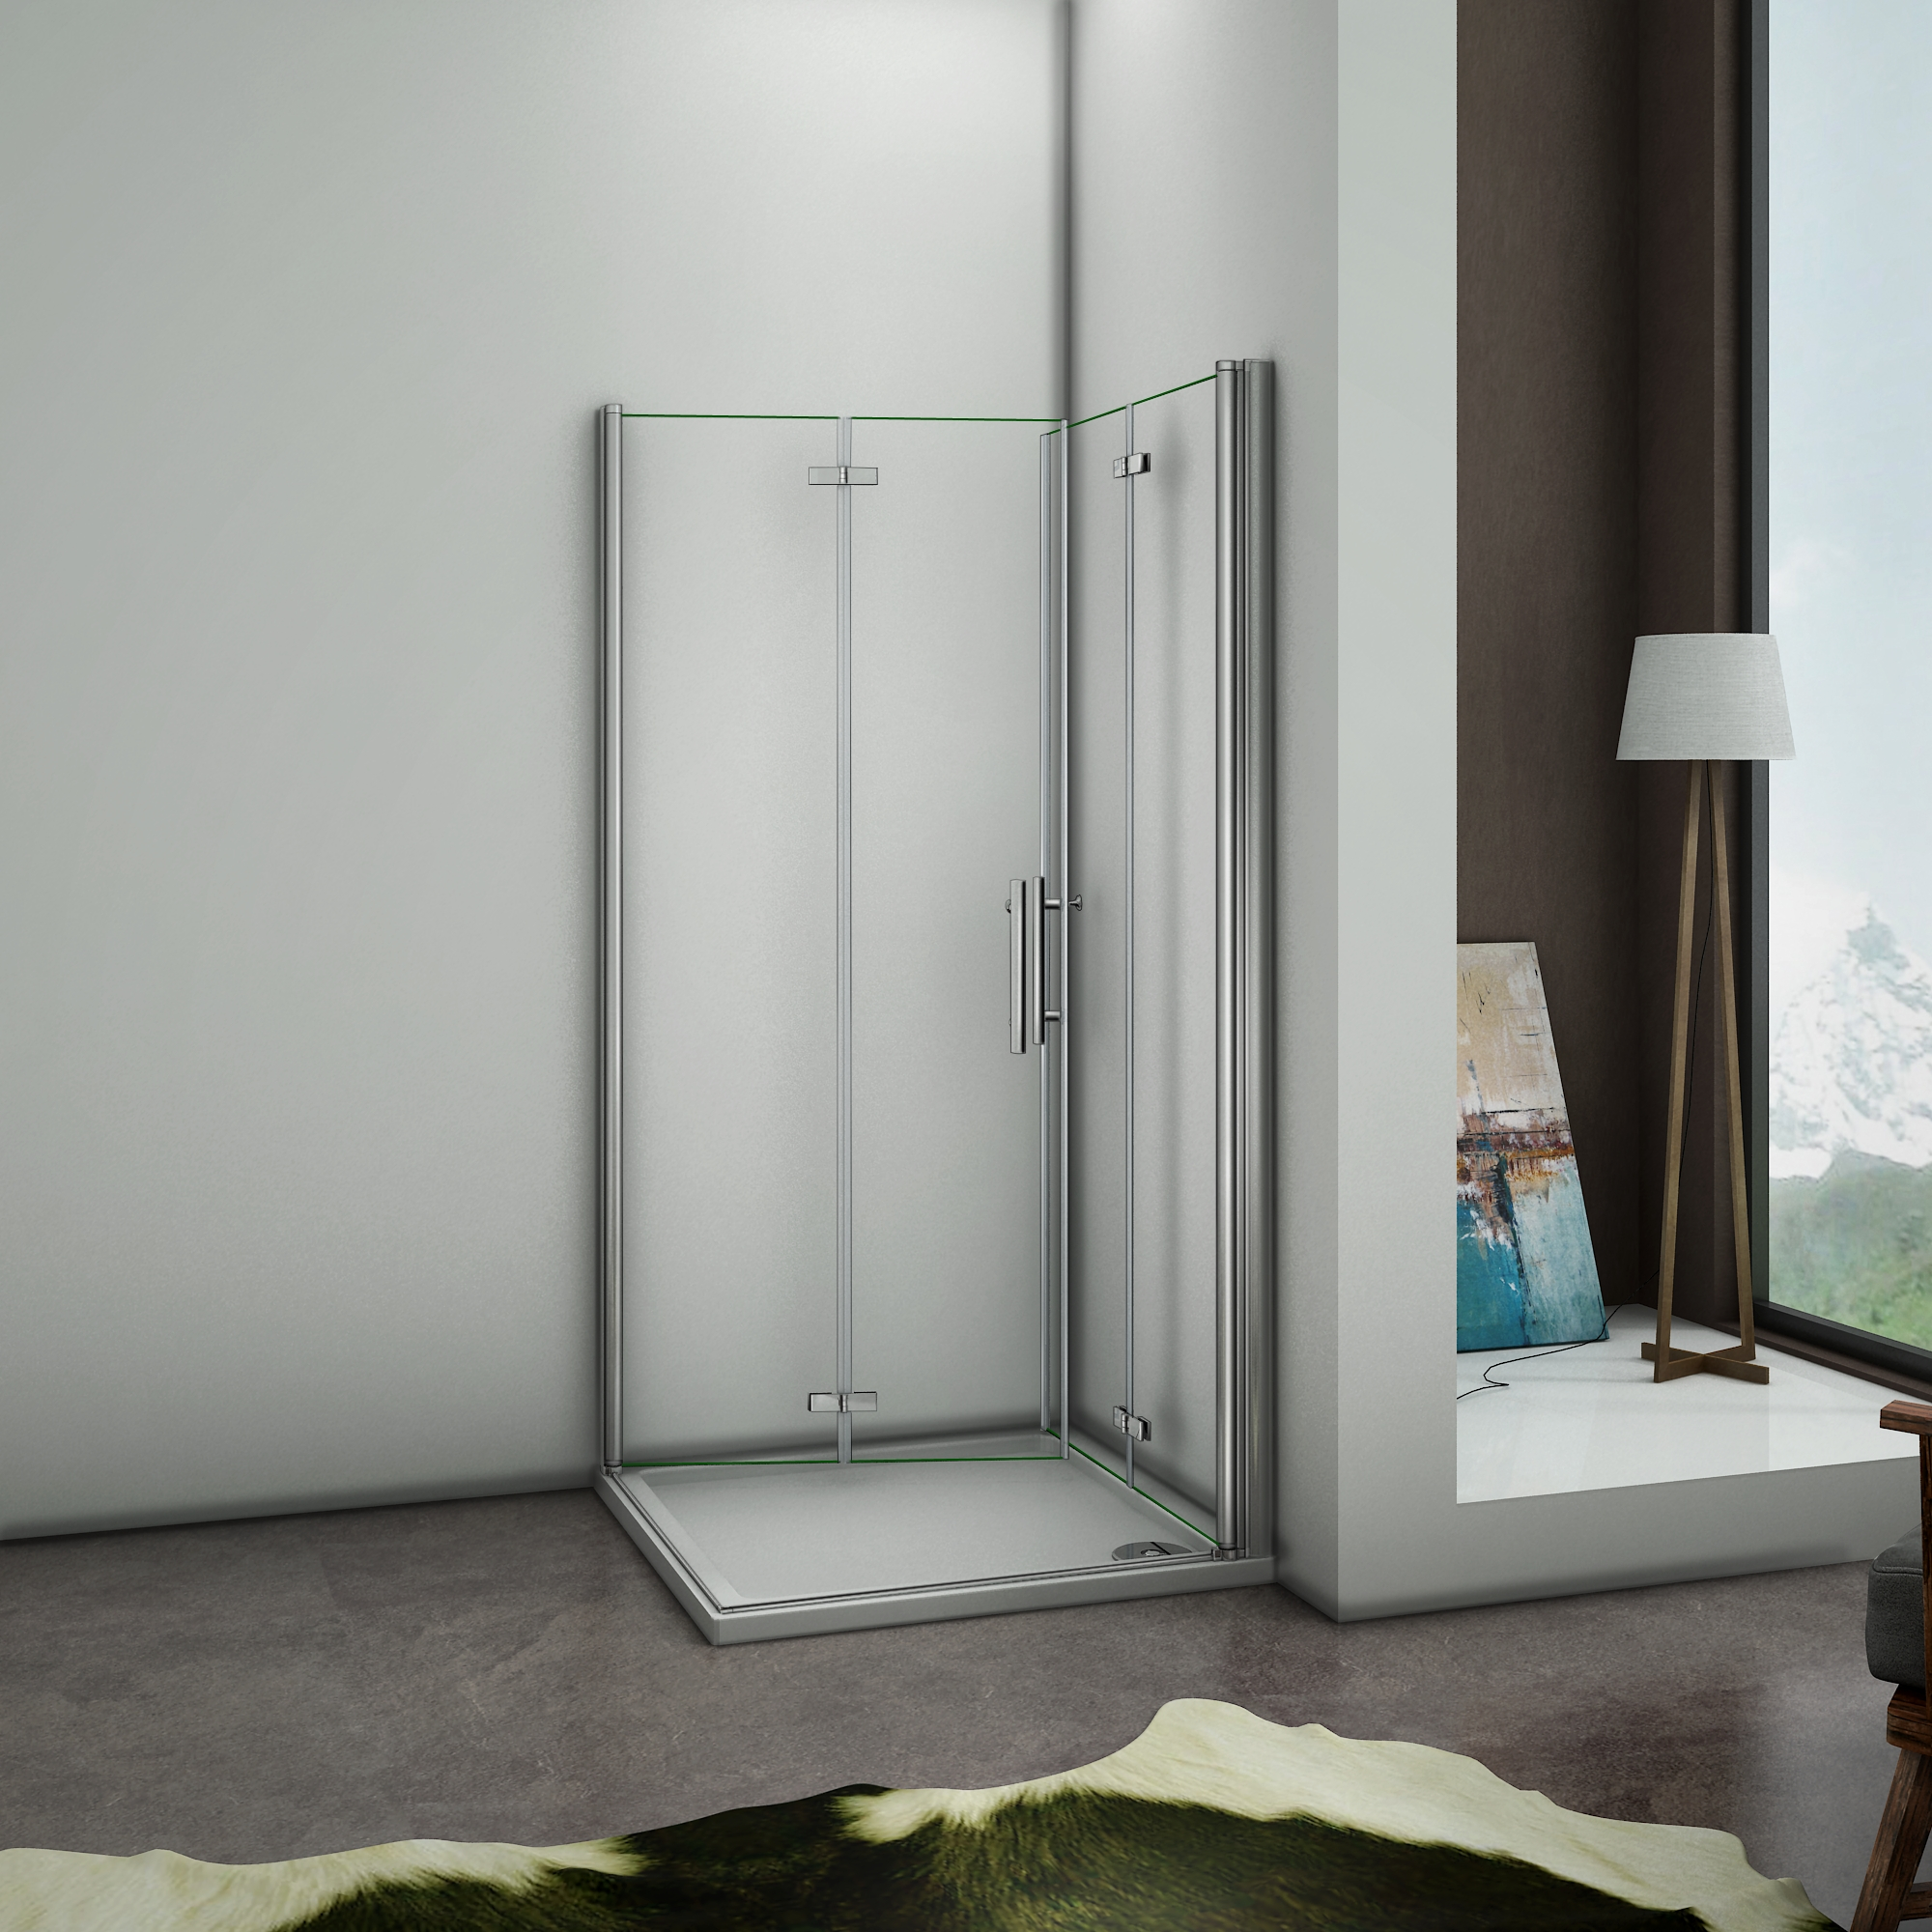 70x70x195cm cabine de douche acc s d 39 angle porte de douche for Porte de douche ajustable